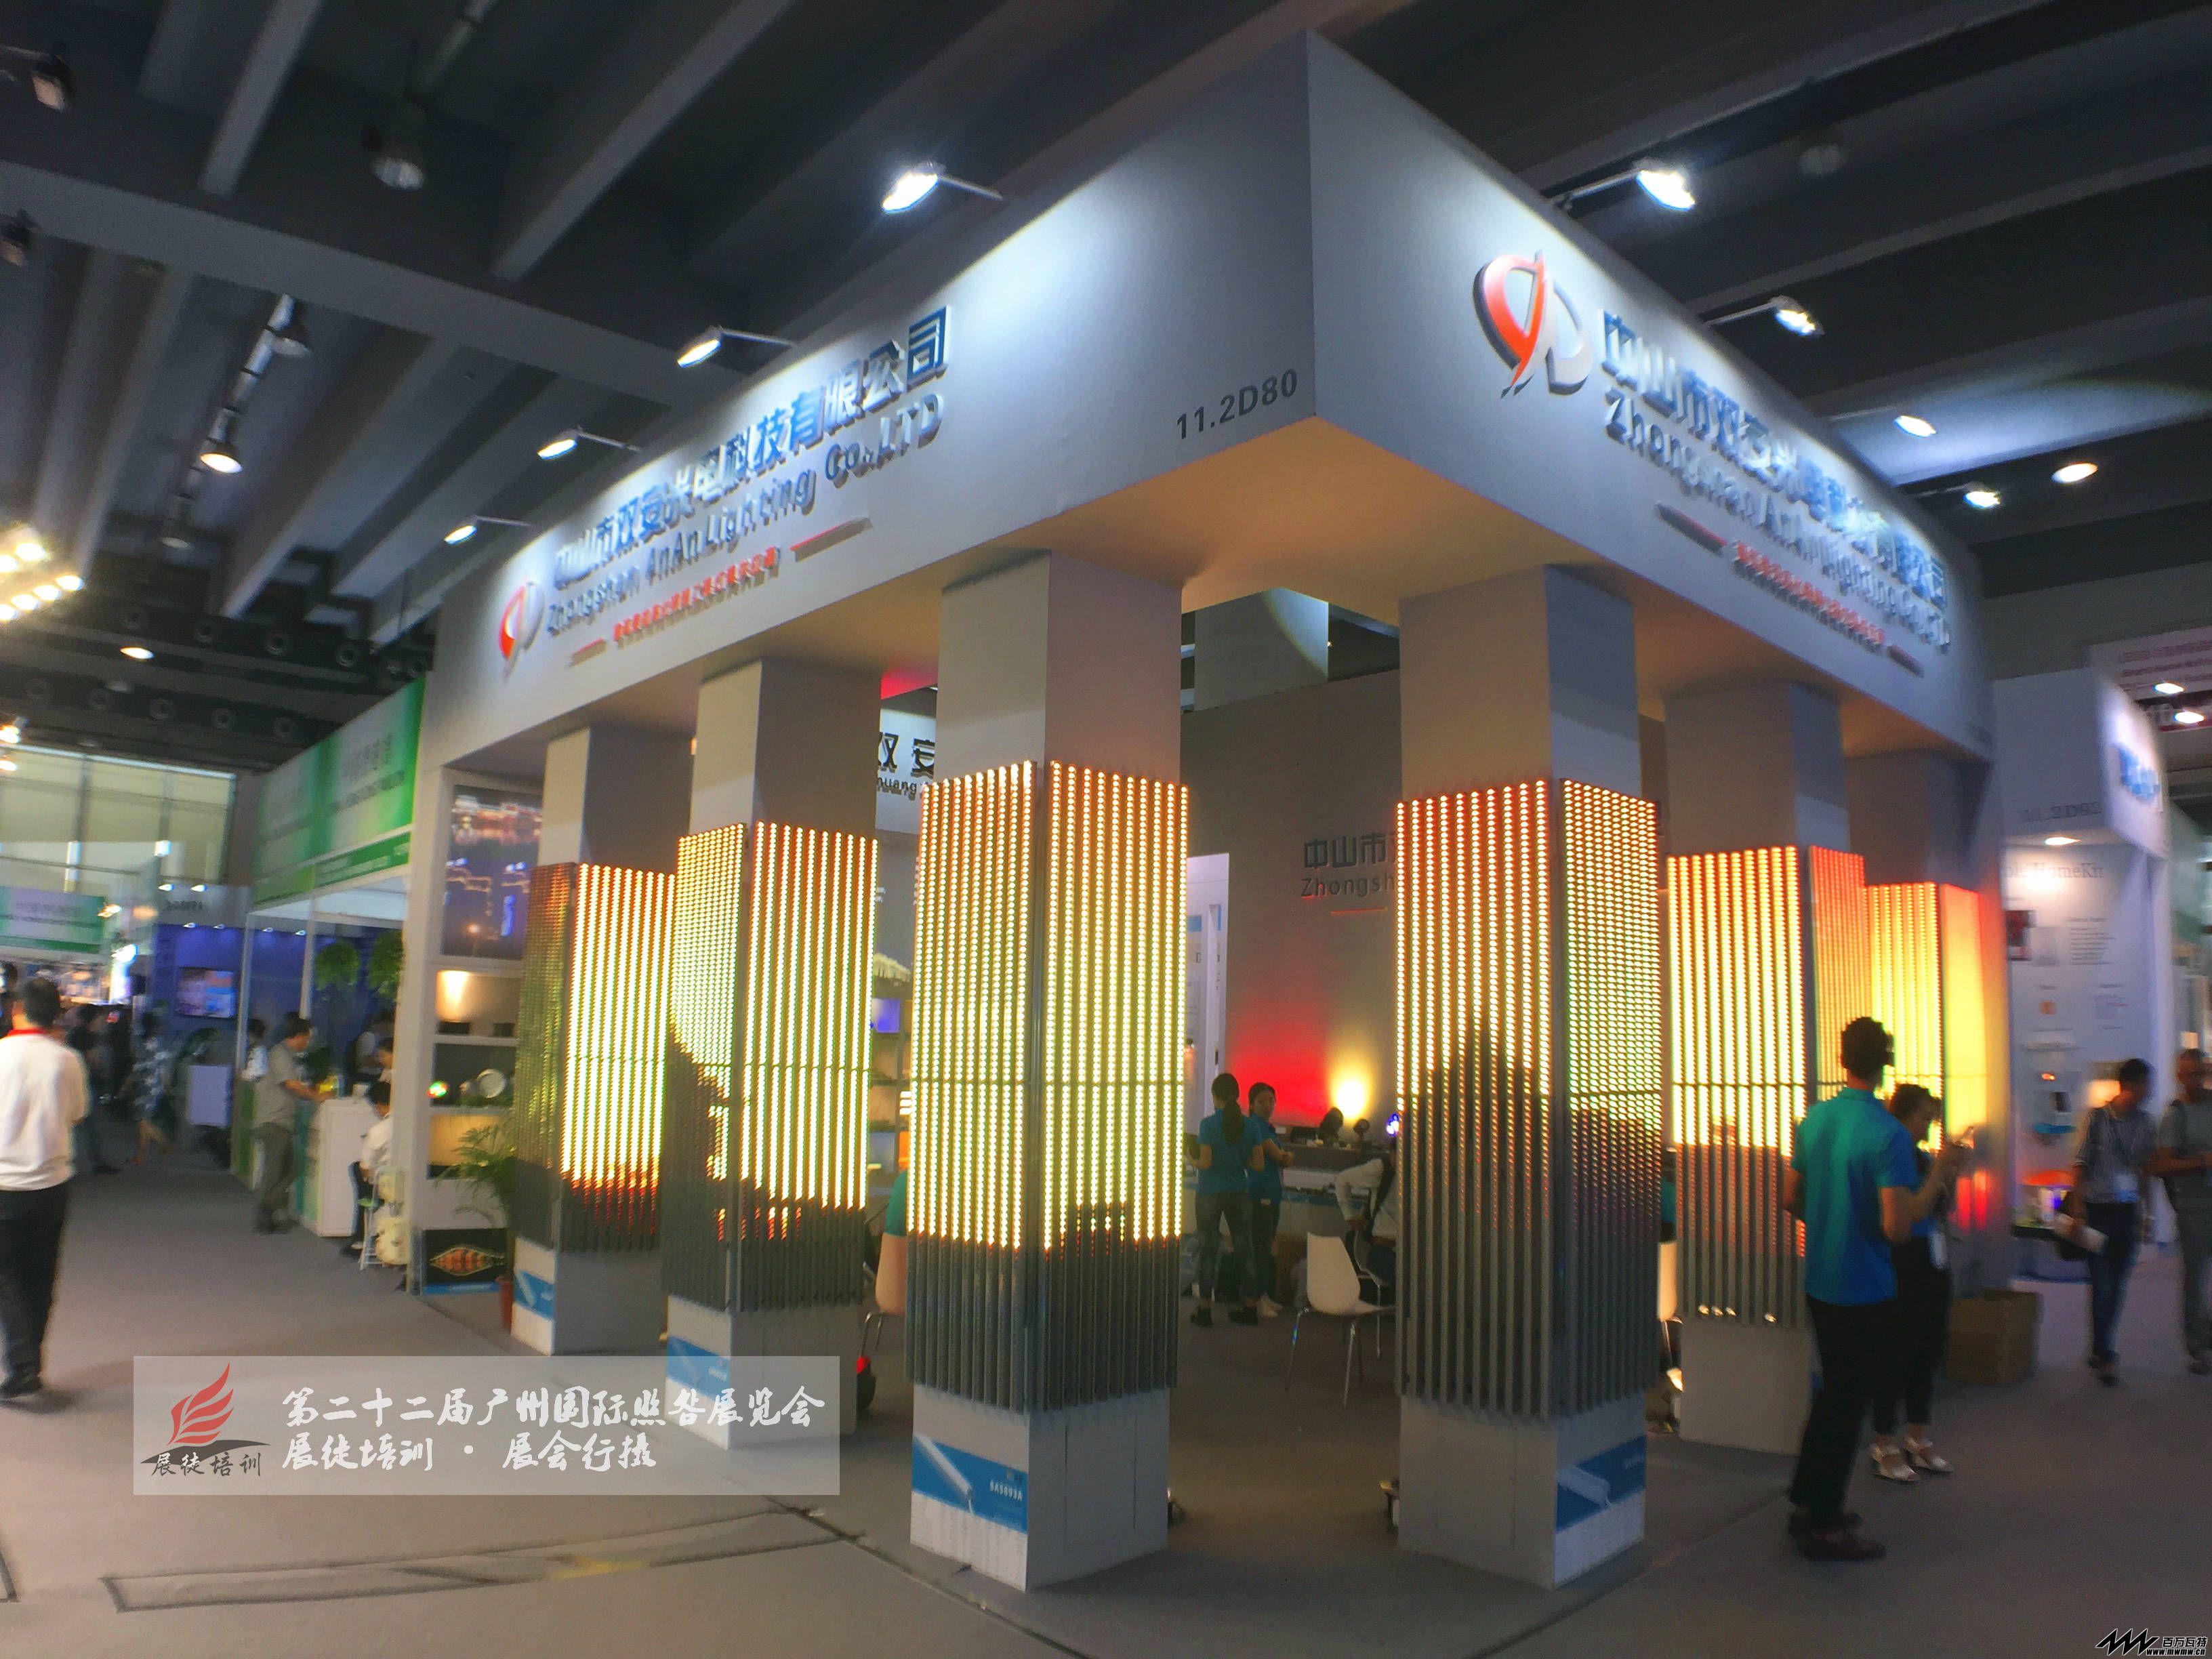 第二十二届广州国际照明展览会-展徒培训·展会行摄 (16).jpg